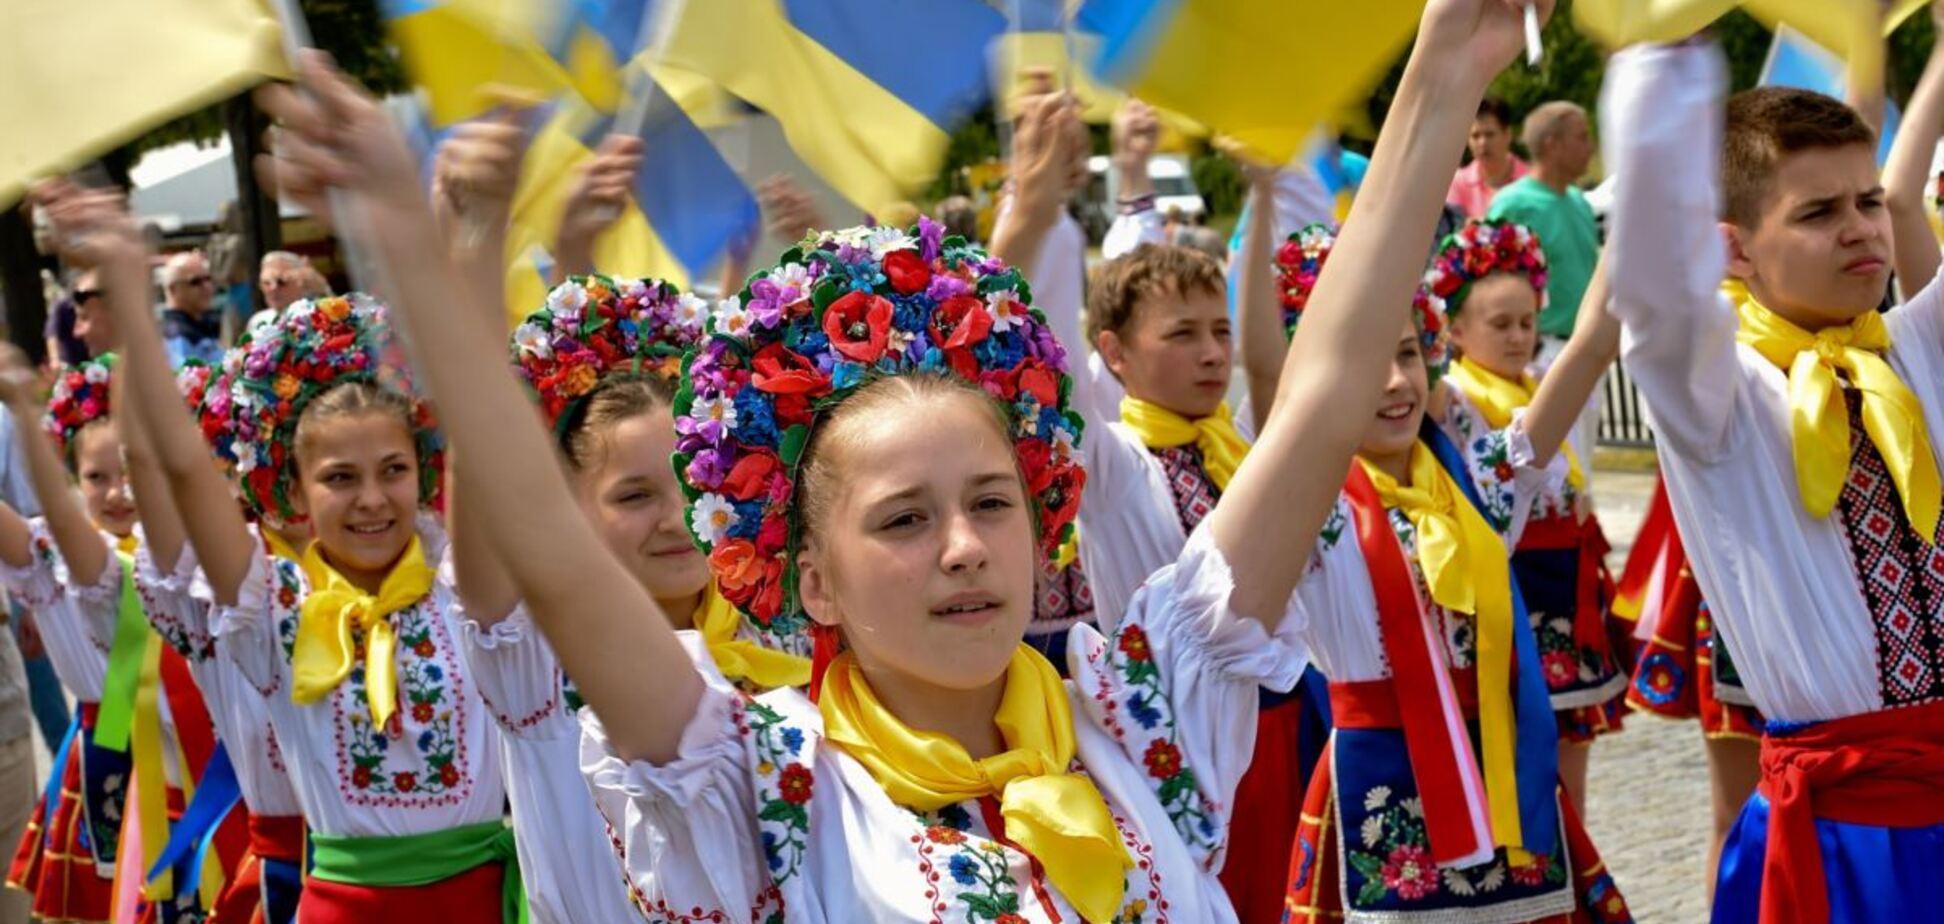 Ху*ло кращий за Фаріон: в Україні знайшли спосіб спонукати громадян вивчати українську